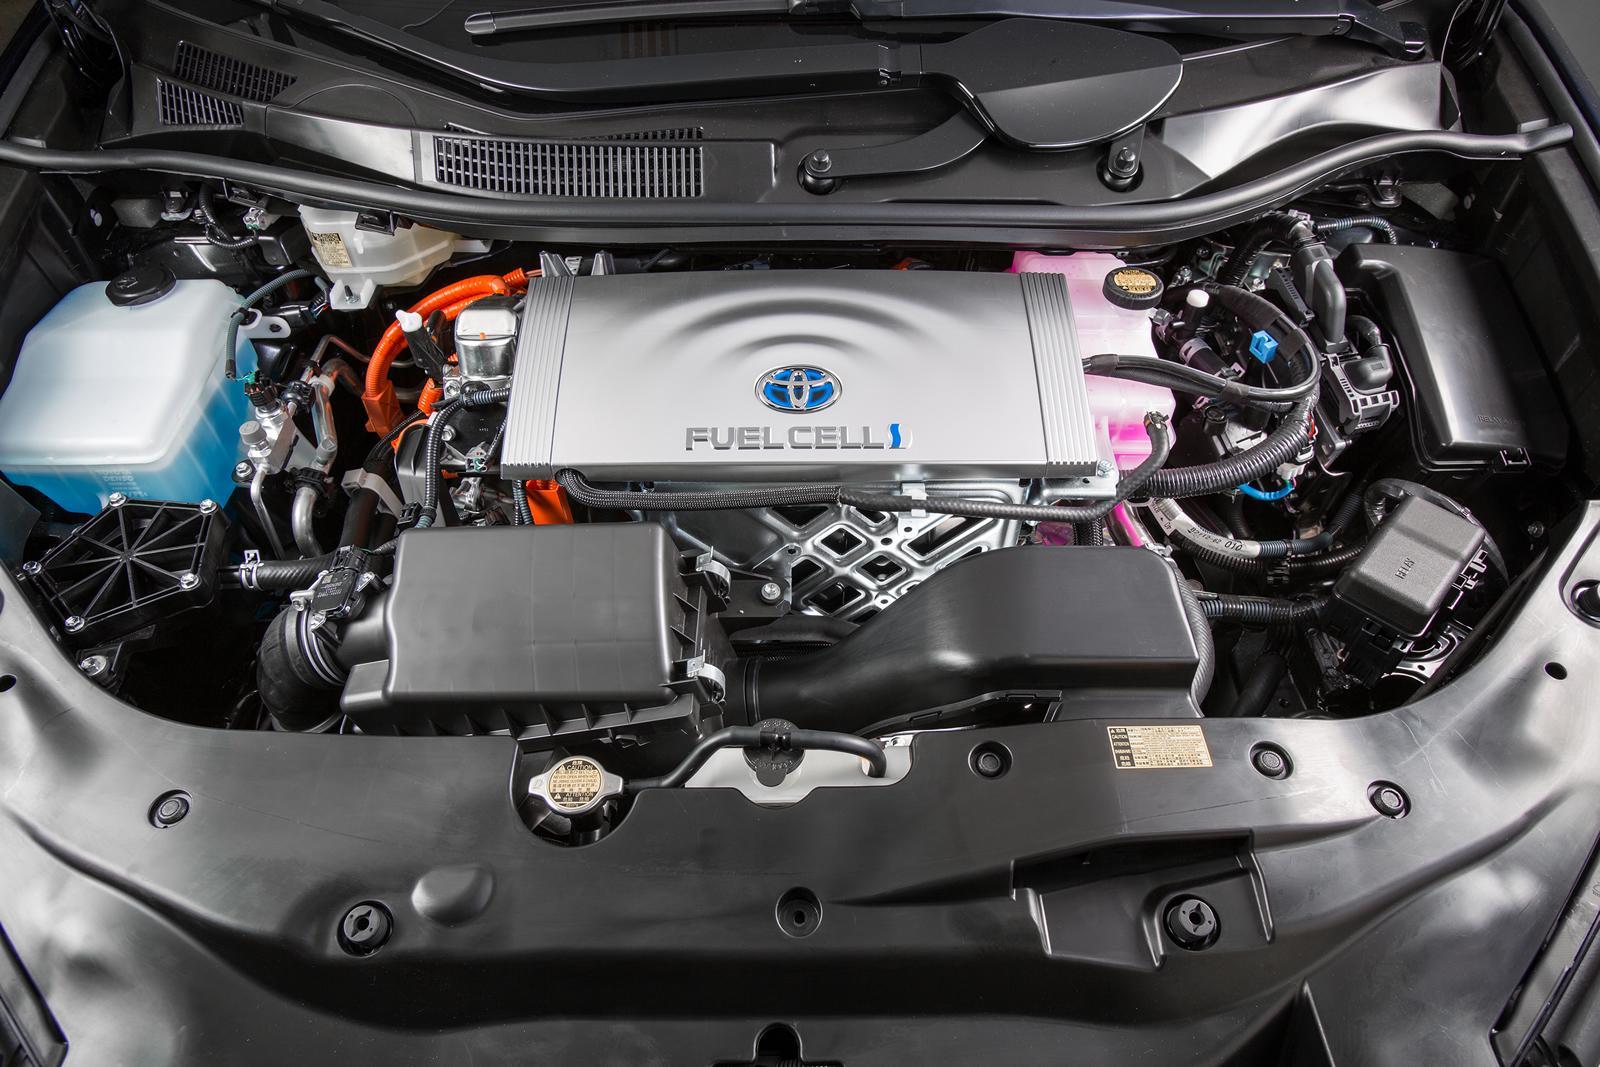 豐田MIRAI的燃料電池引擎(取自網路)